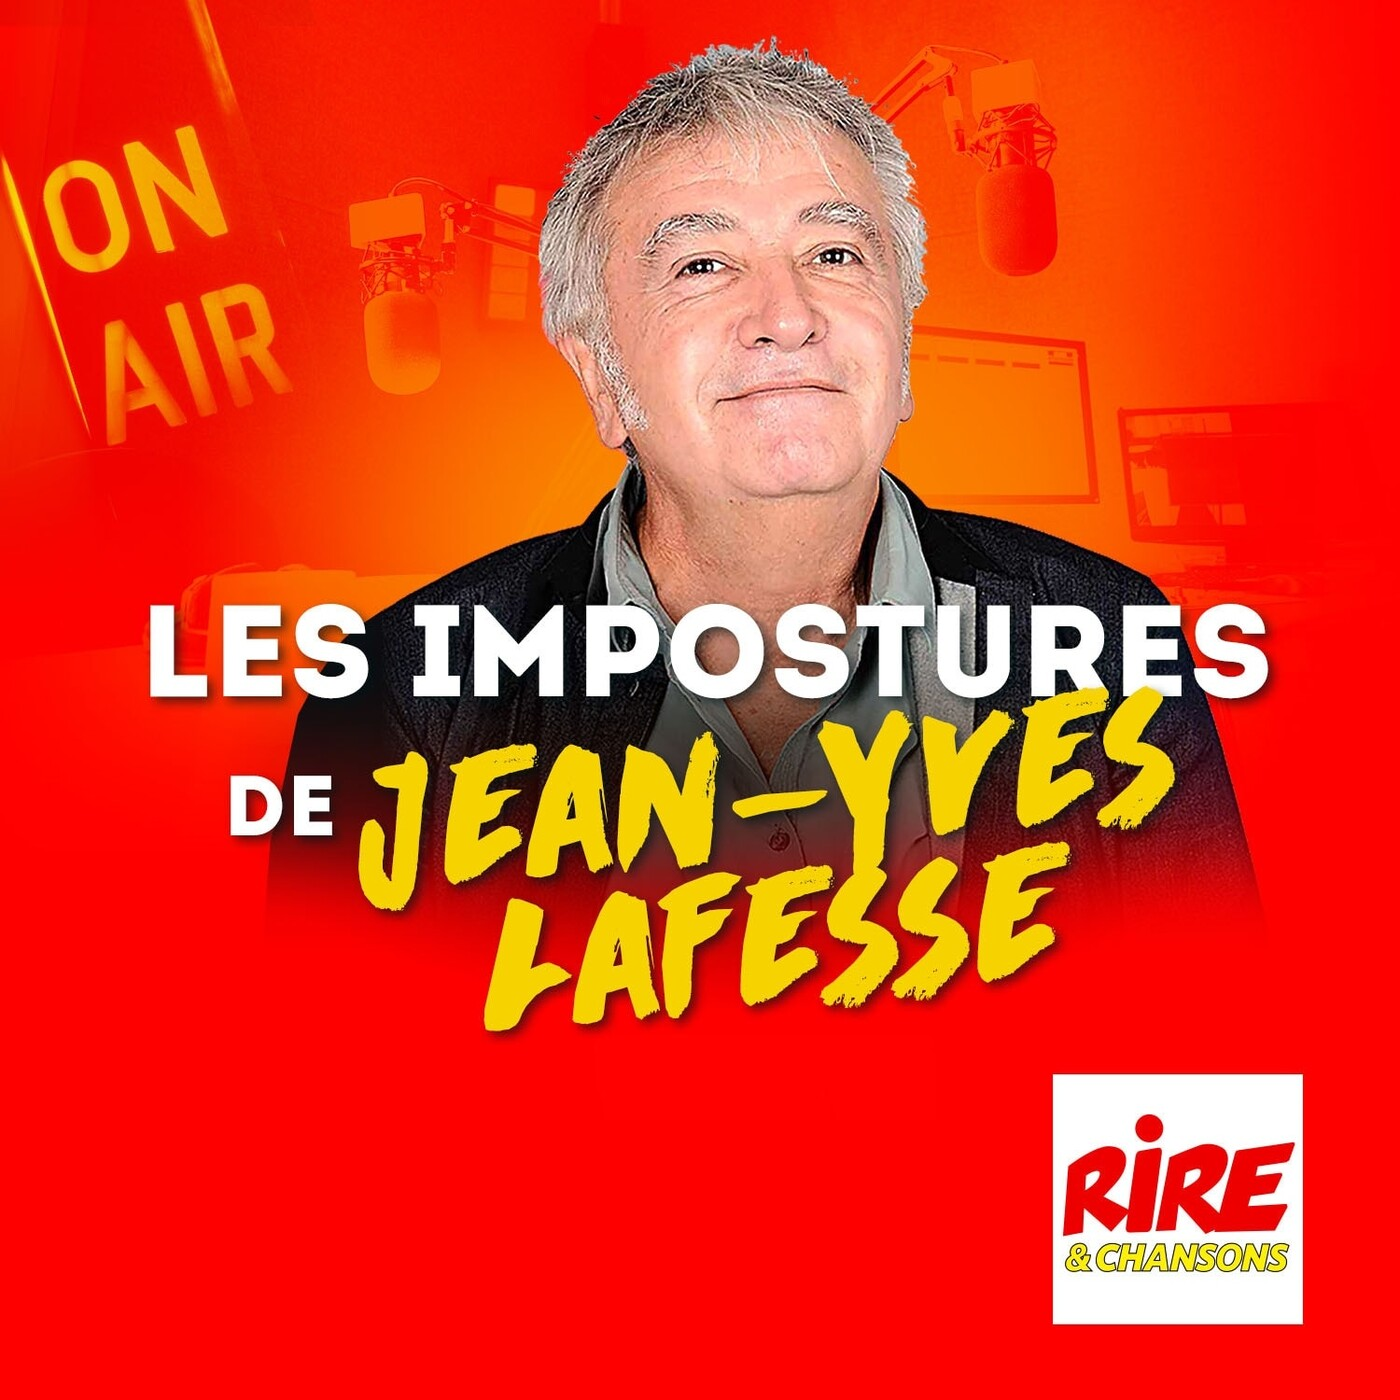 Une femme esquimaude à décongeler - Les impostures de Jean-Yves Lafesse en podcasts sur Rire & Chansons